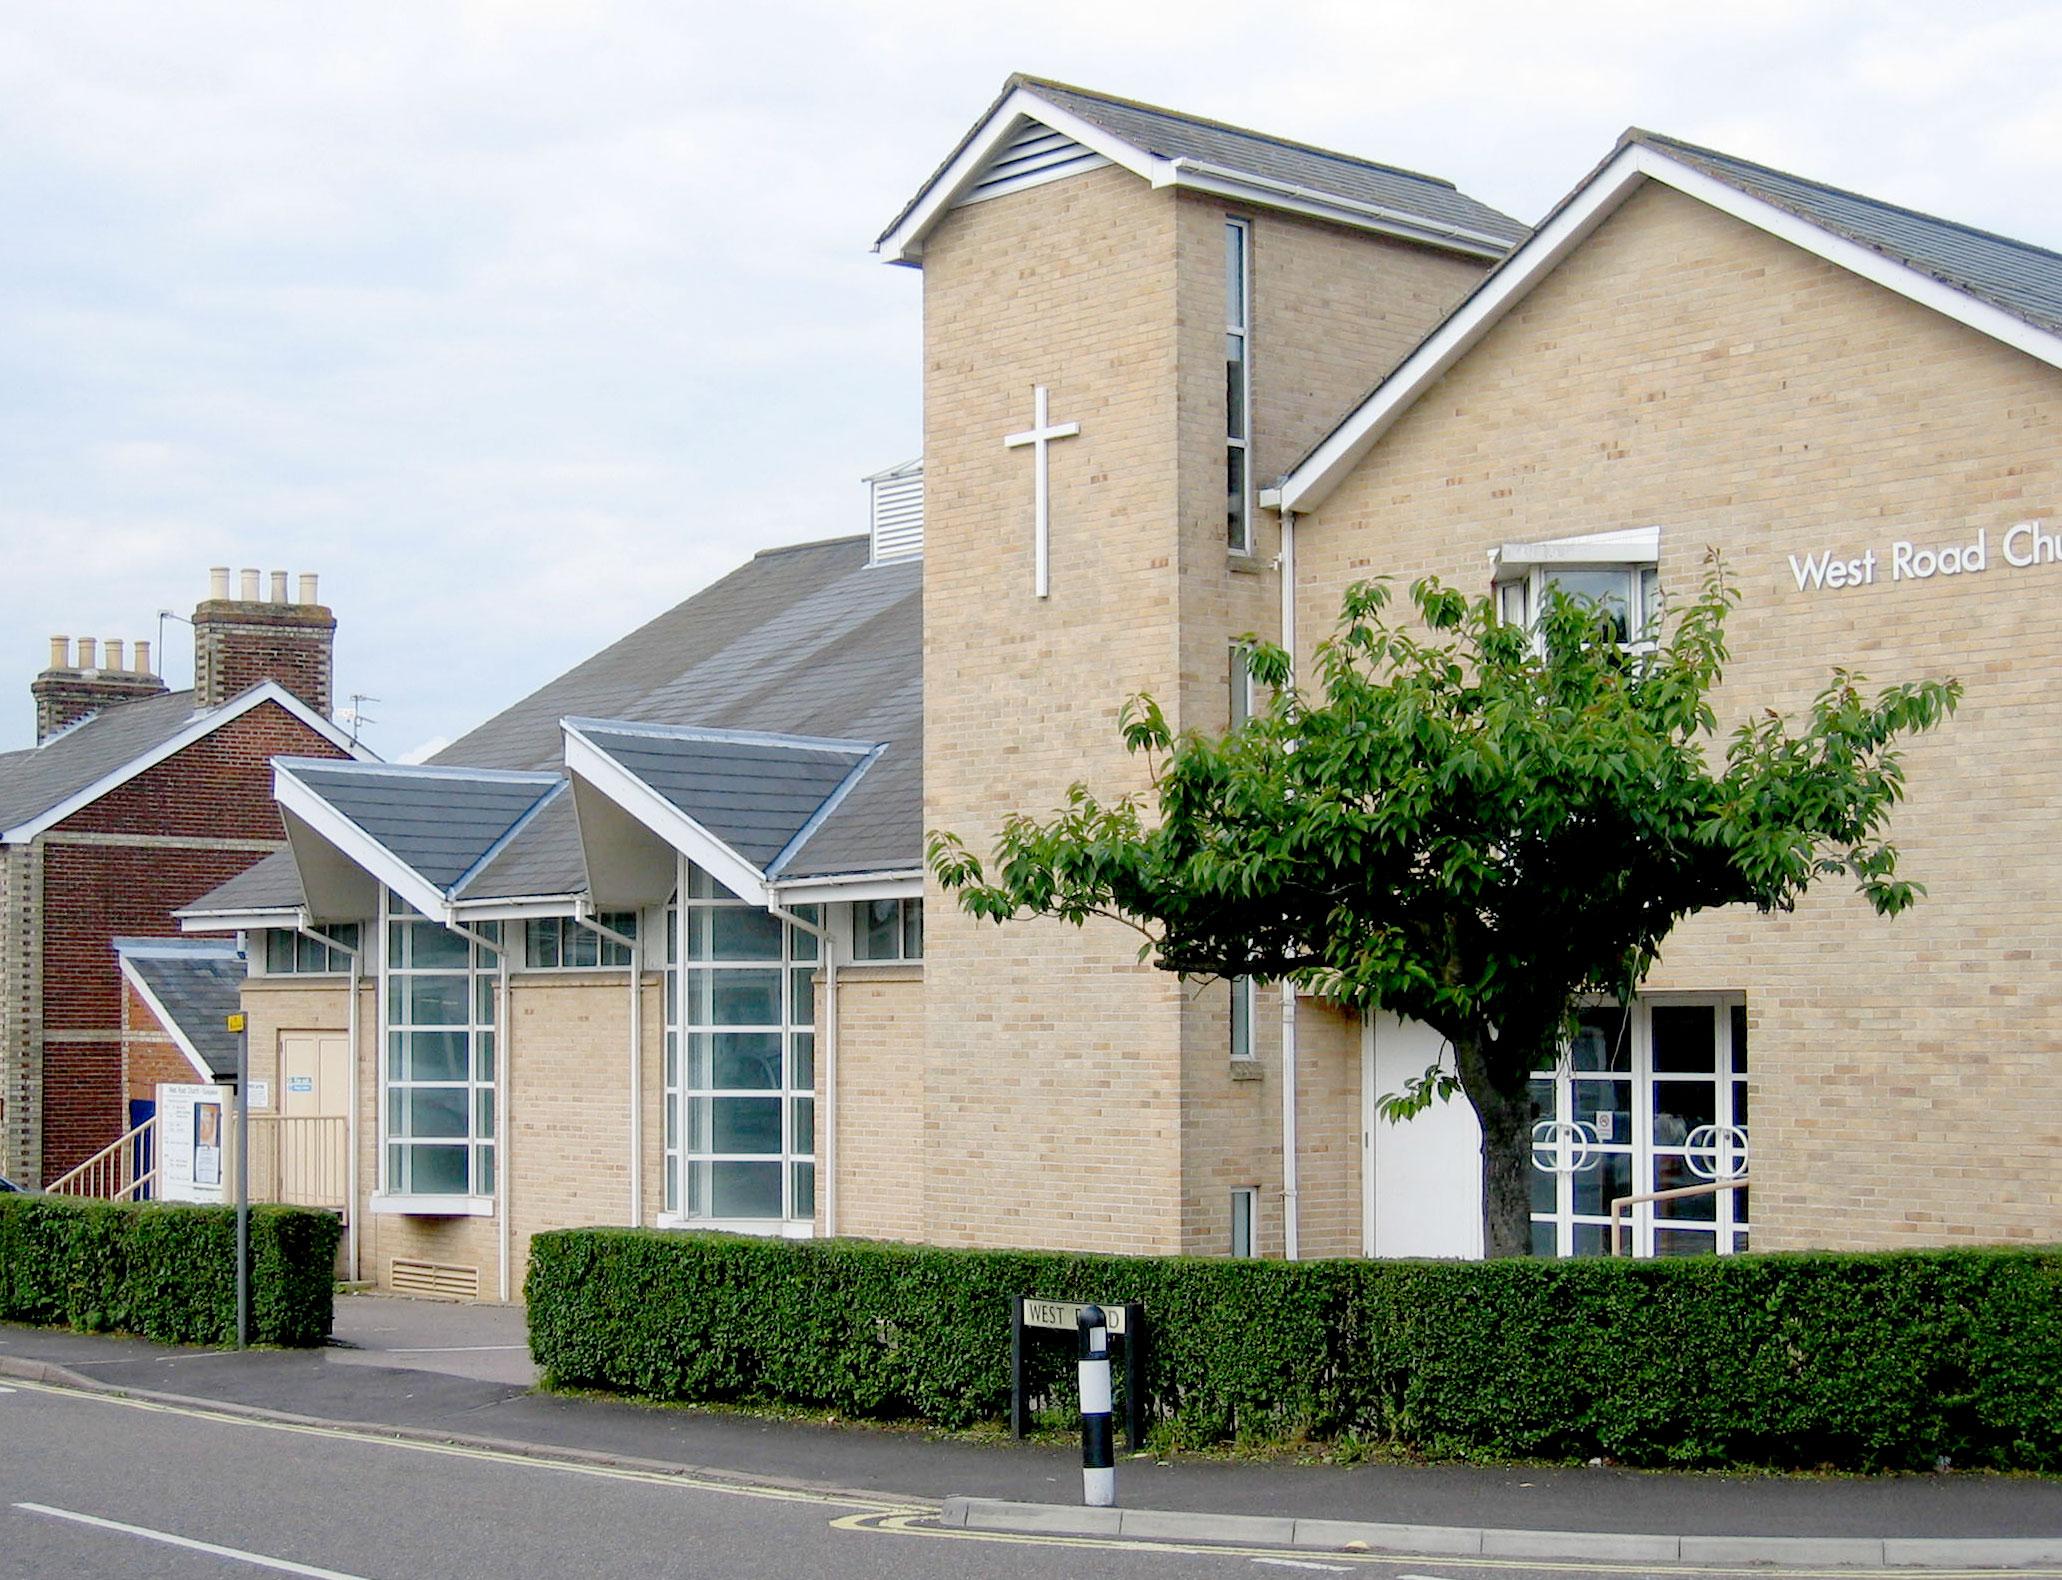 West Road Church